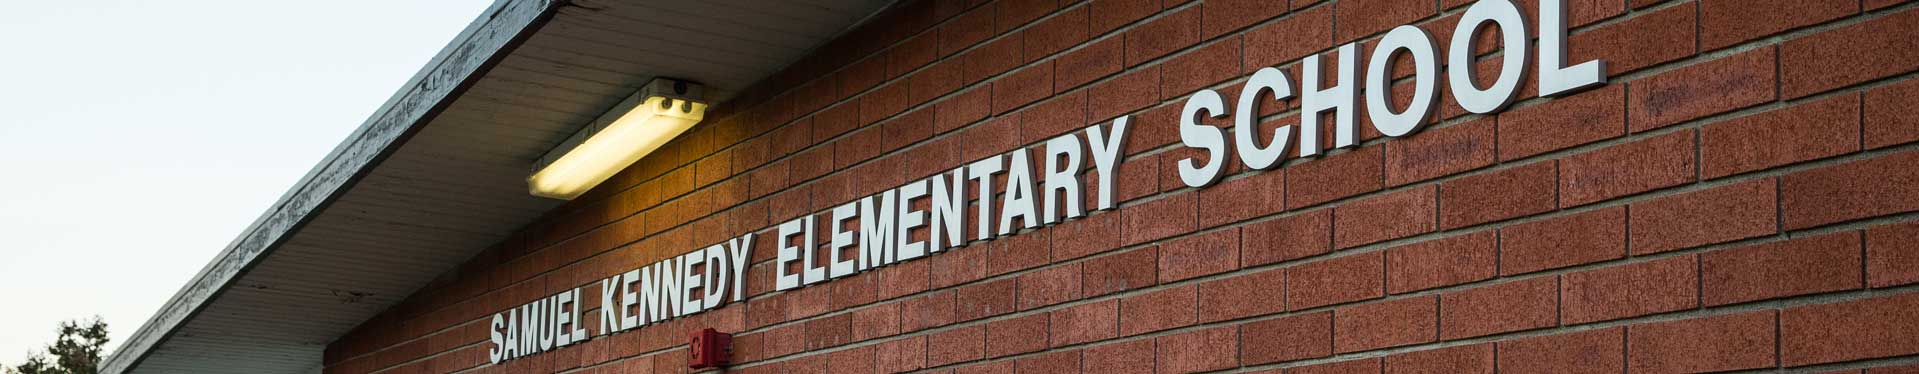 Samuel Kennedy Elementary Elk Grove Unified School